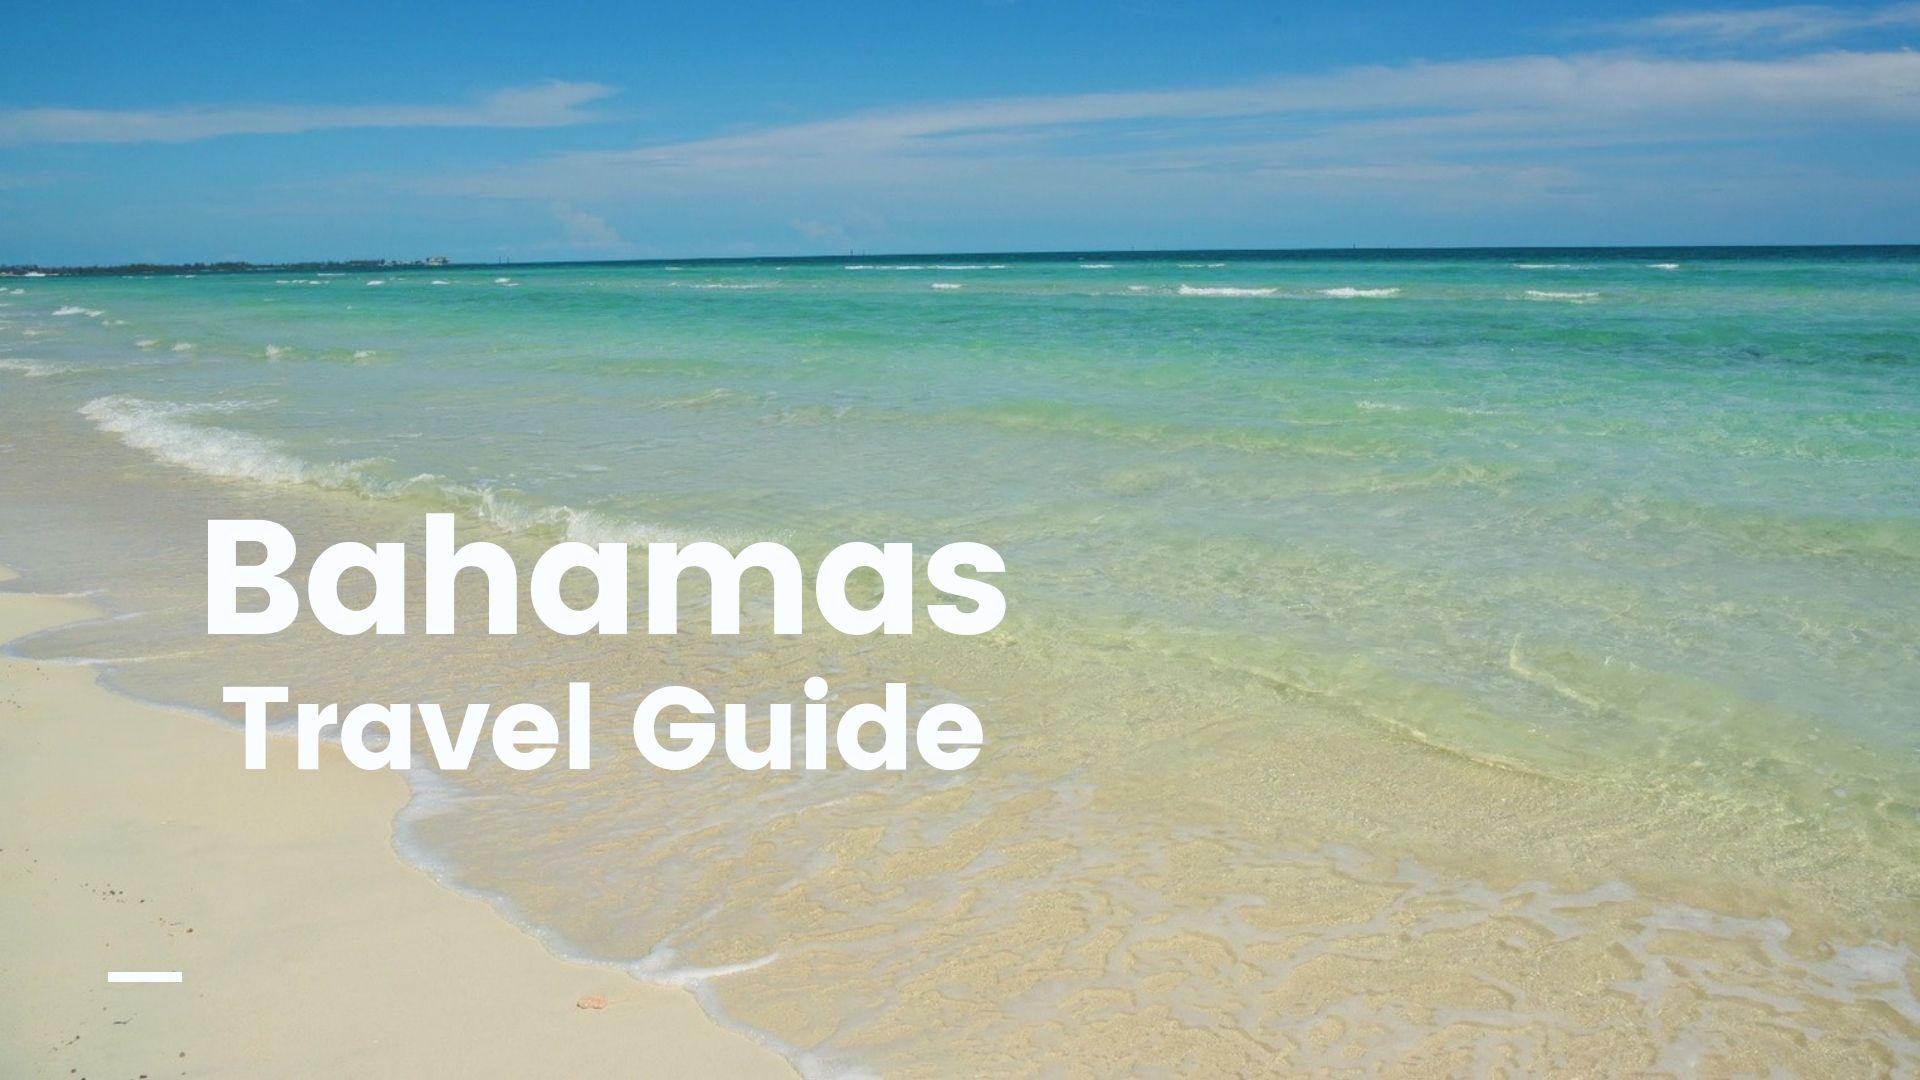 【2019年最新】バハマへ行くなら必ず訪れたいオススメ観光スポット27選